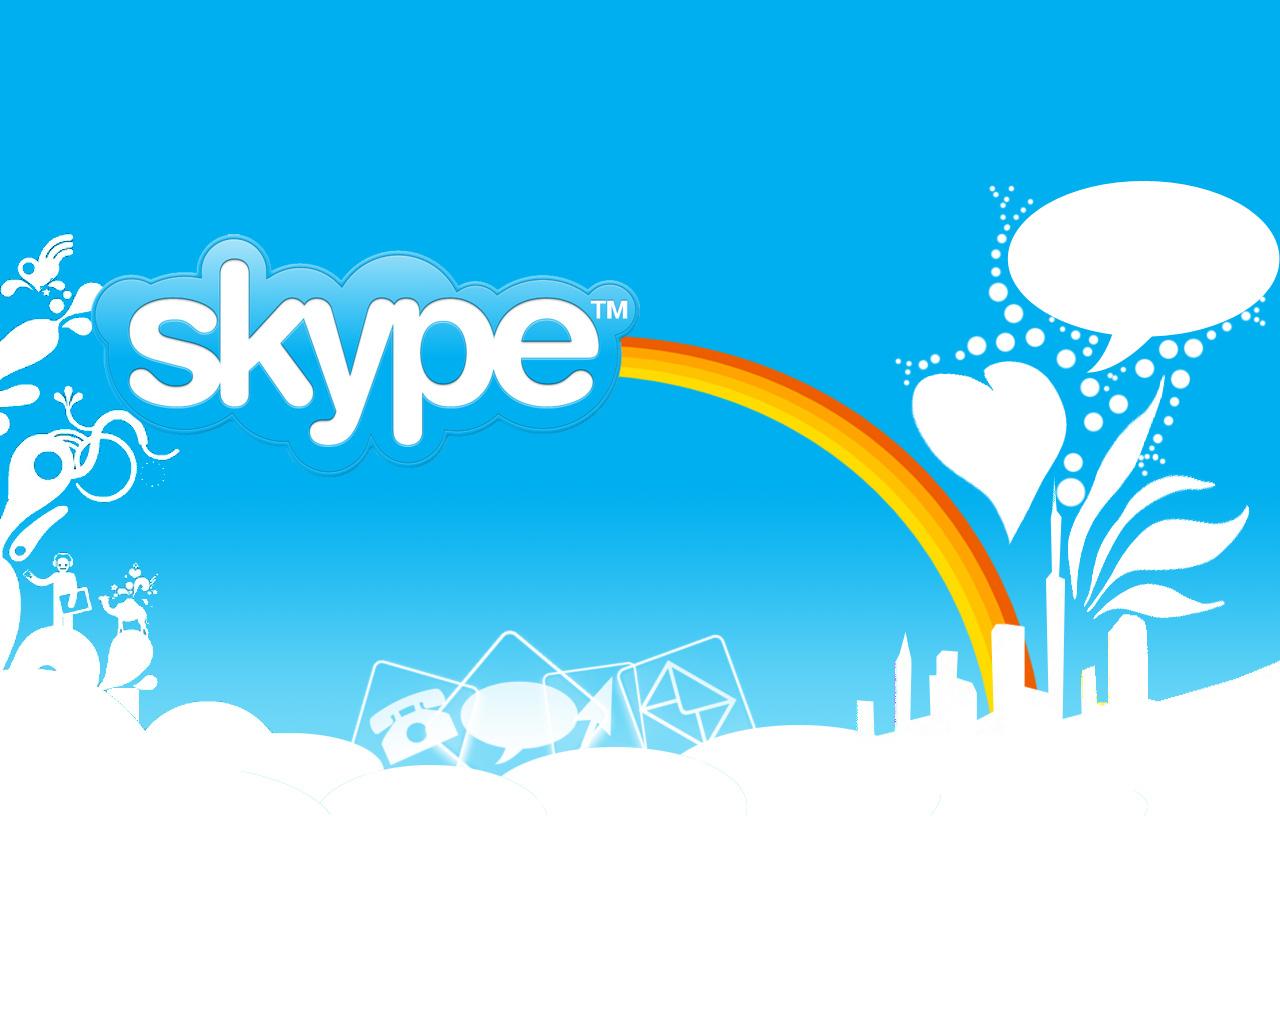 Skype.jpeg